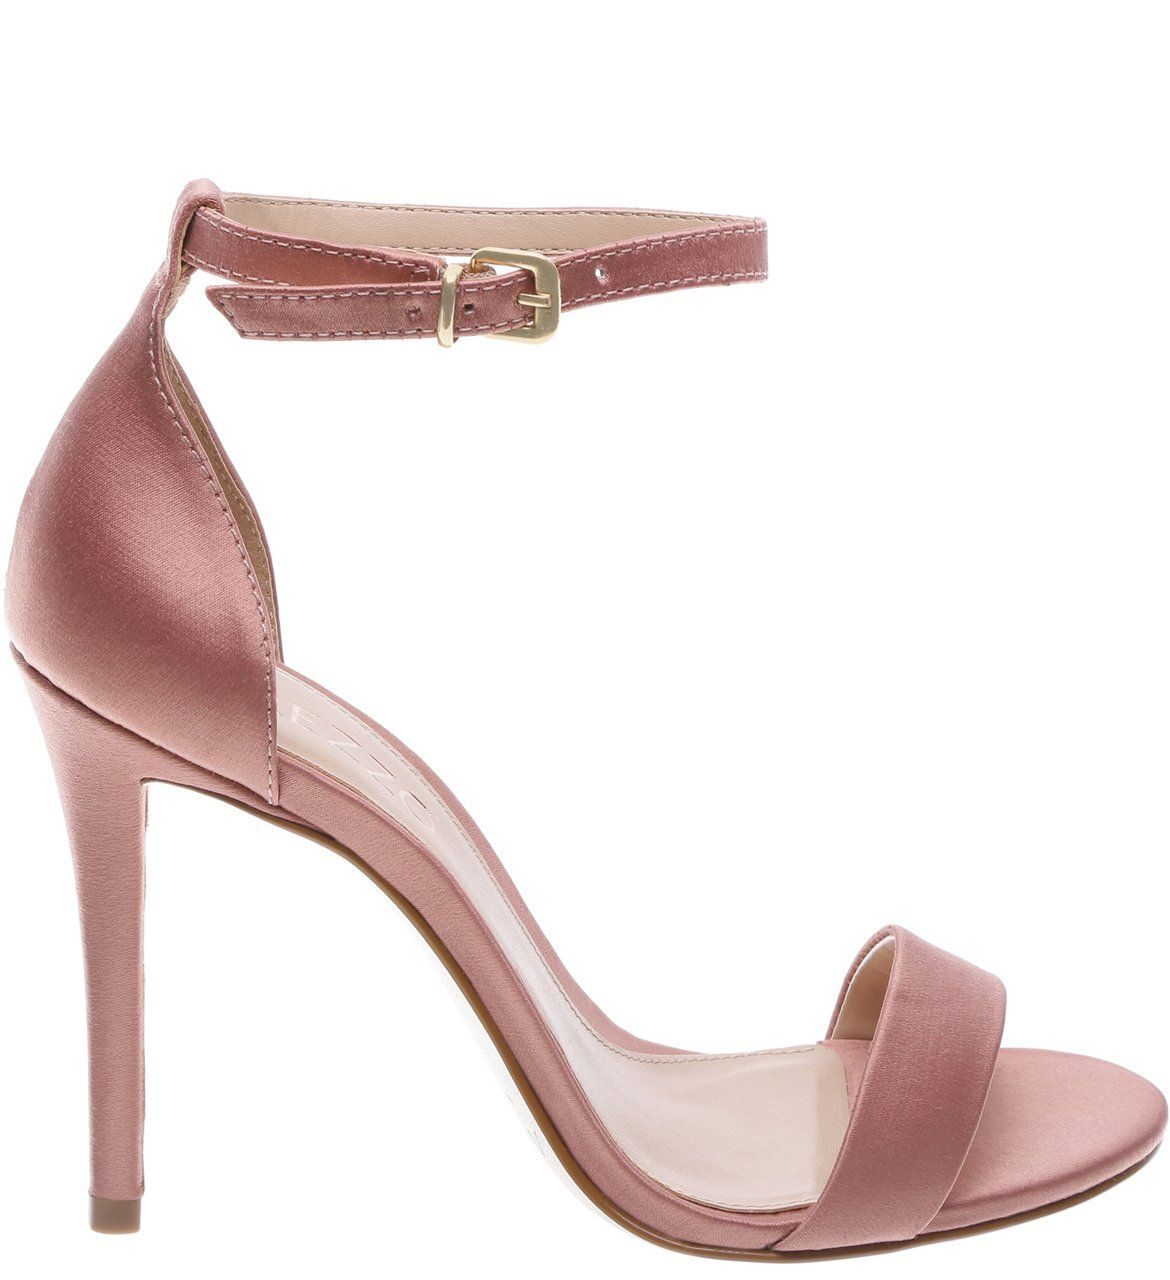 9dd53a6377 O modelo clássico de sandália - com elegante salto fino e alto